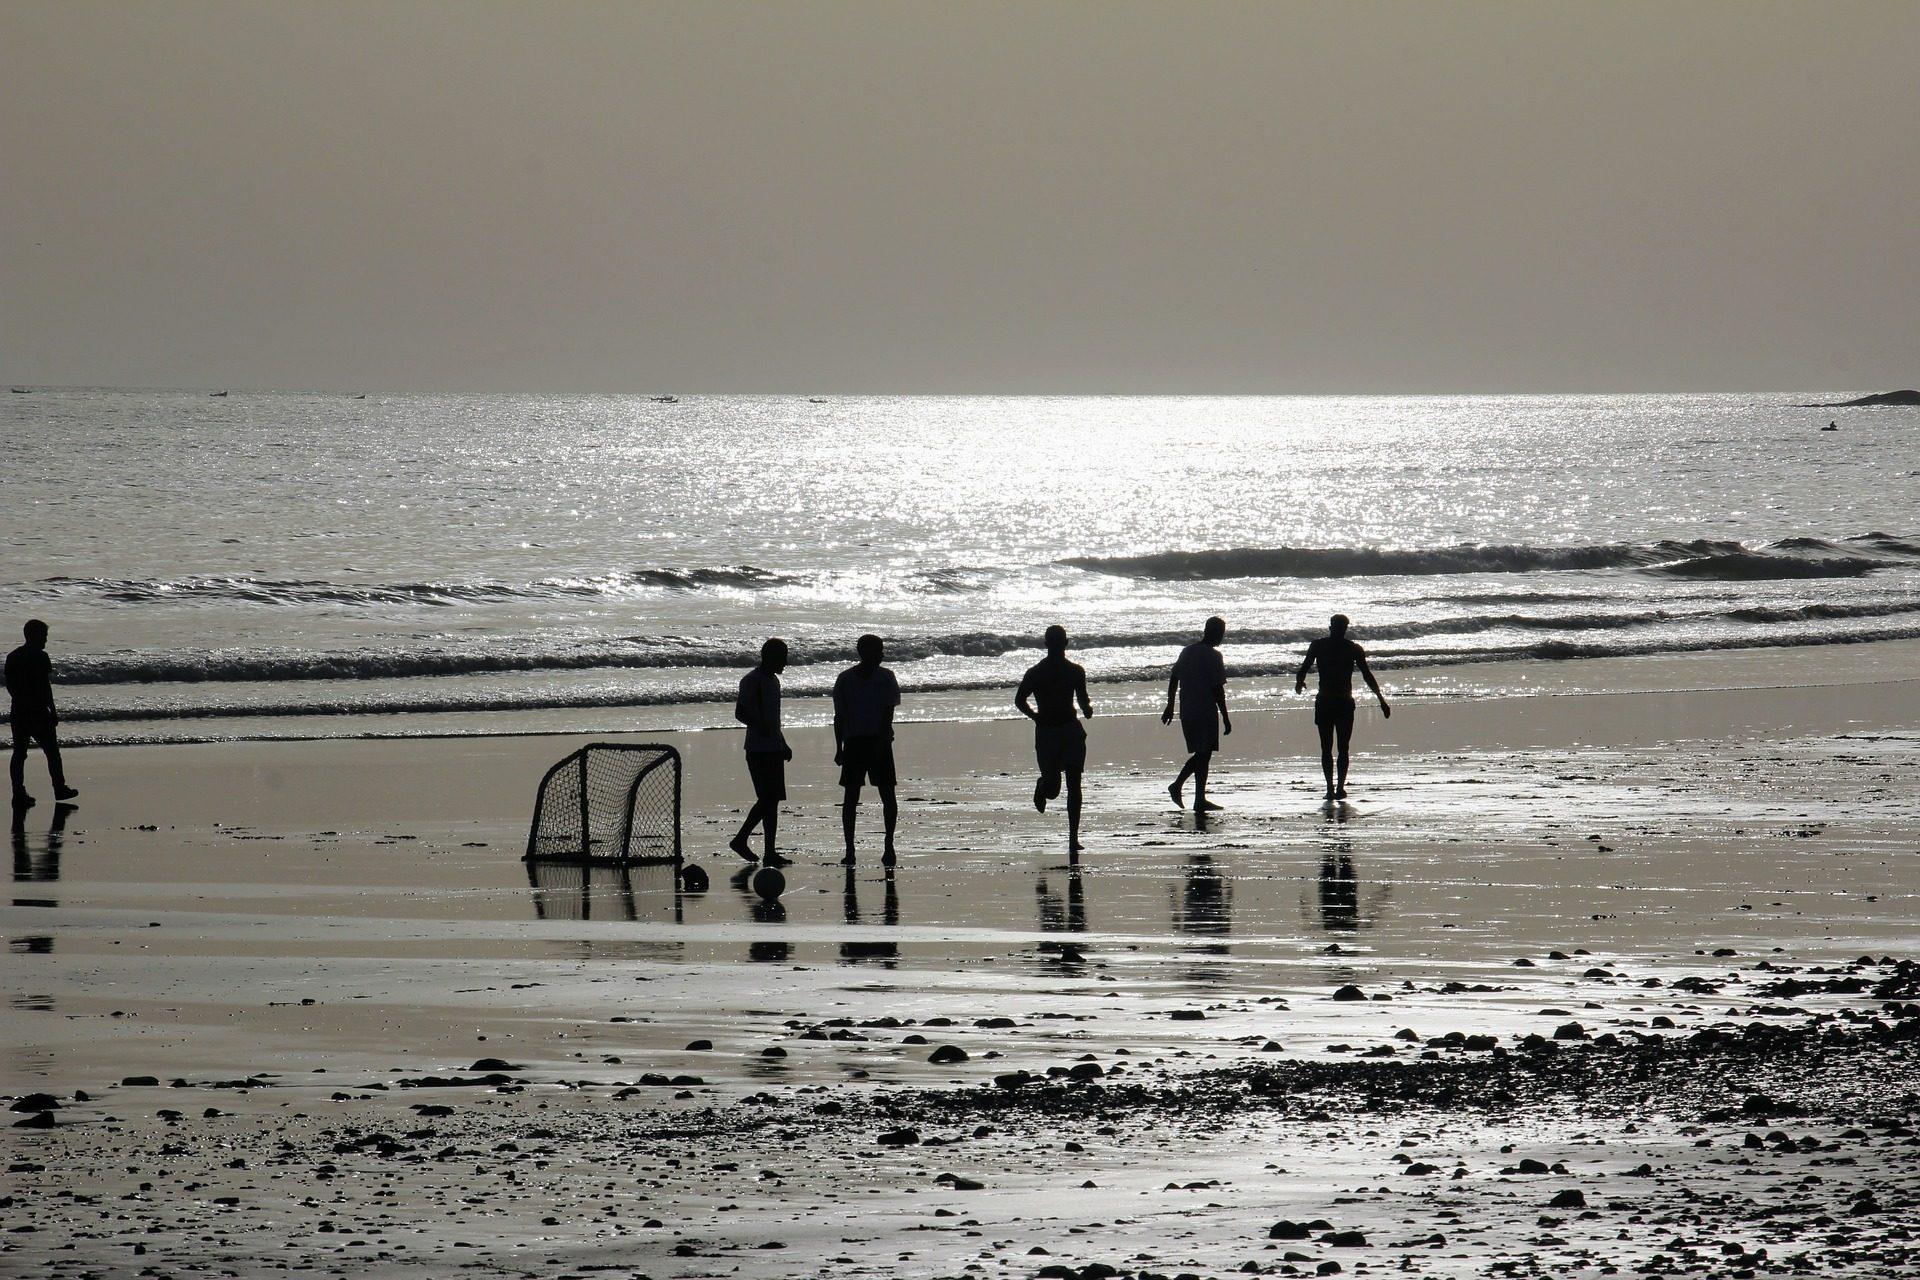 amigos, playa, fútbol, juego, arena, mar, siluetas - Fondos de Pantalla HD - professor-falken.com